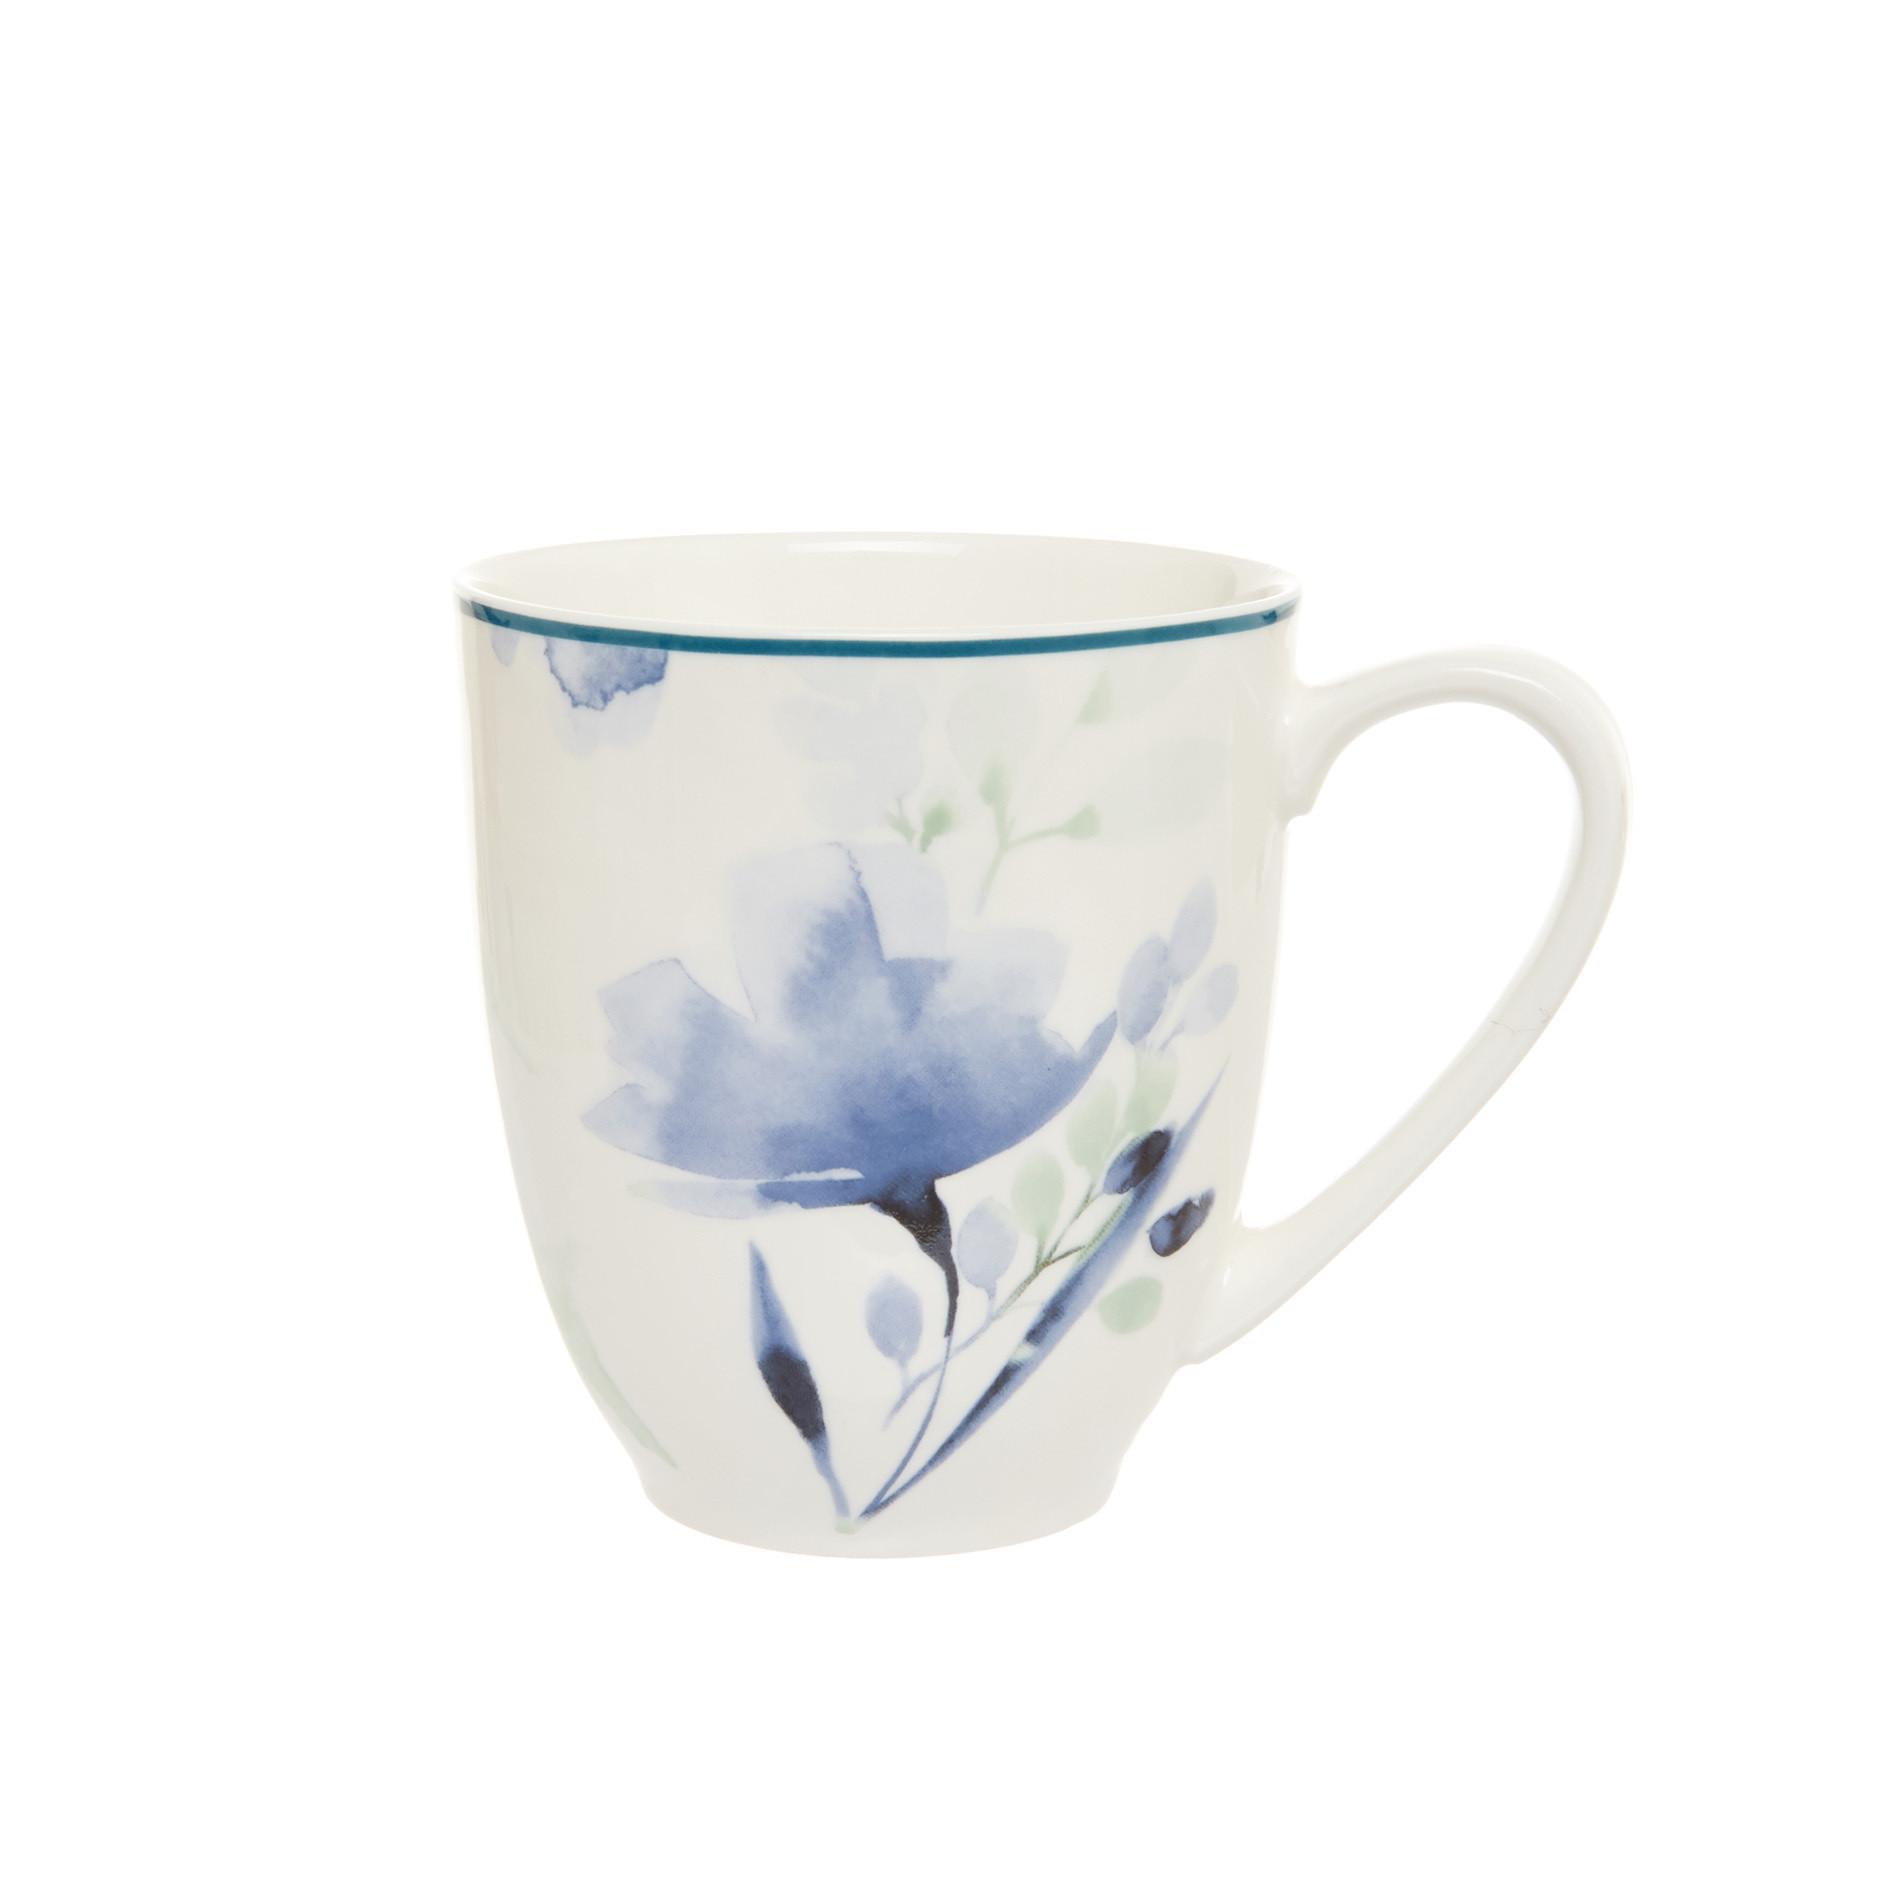 Mug new bone china motivo floreale, Bianco panna, large image number 0